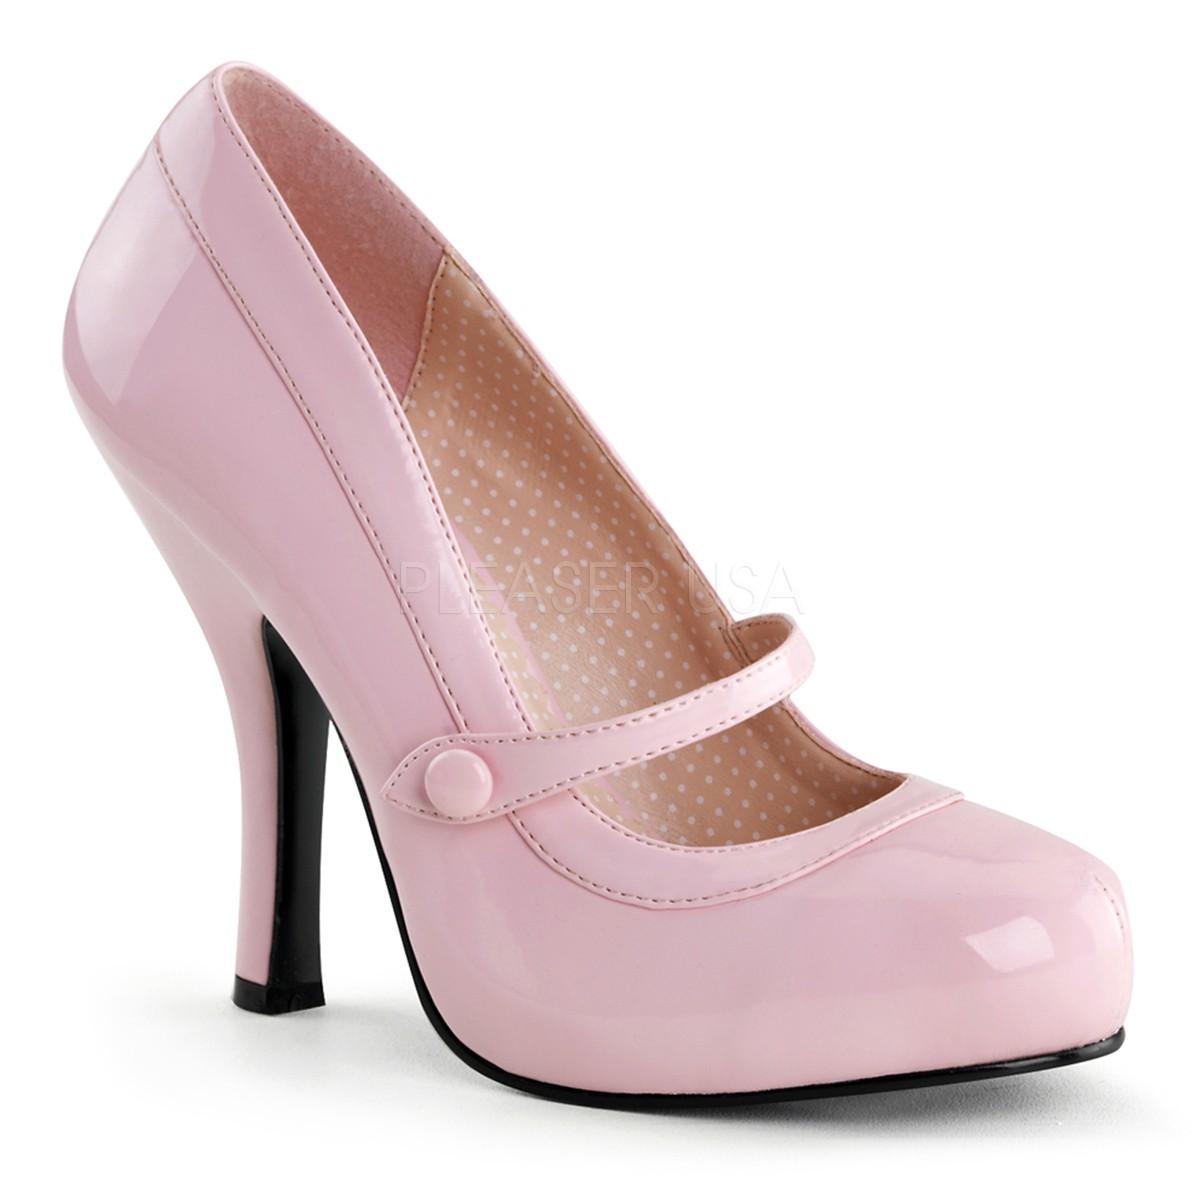 Escarpins à bride Pinup coloris rose - Pointure : 38